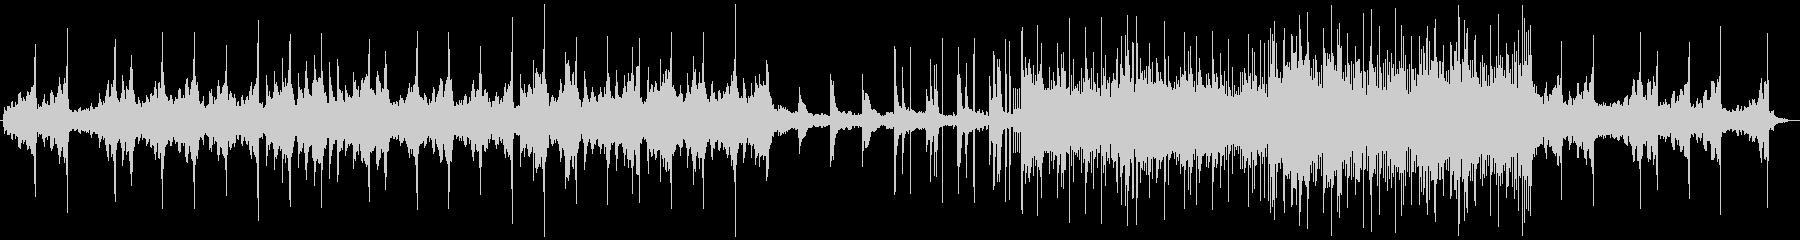 暖かみのあるピアノ・エレクトリックの未再生の波形